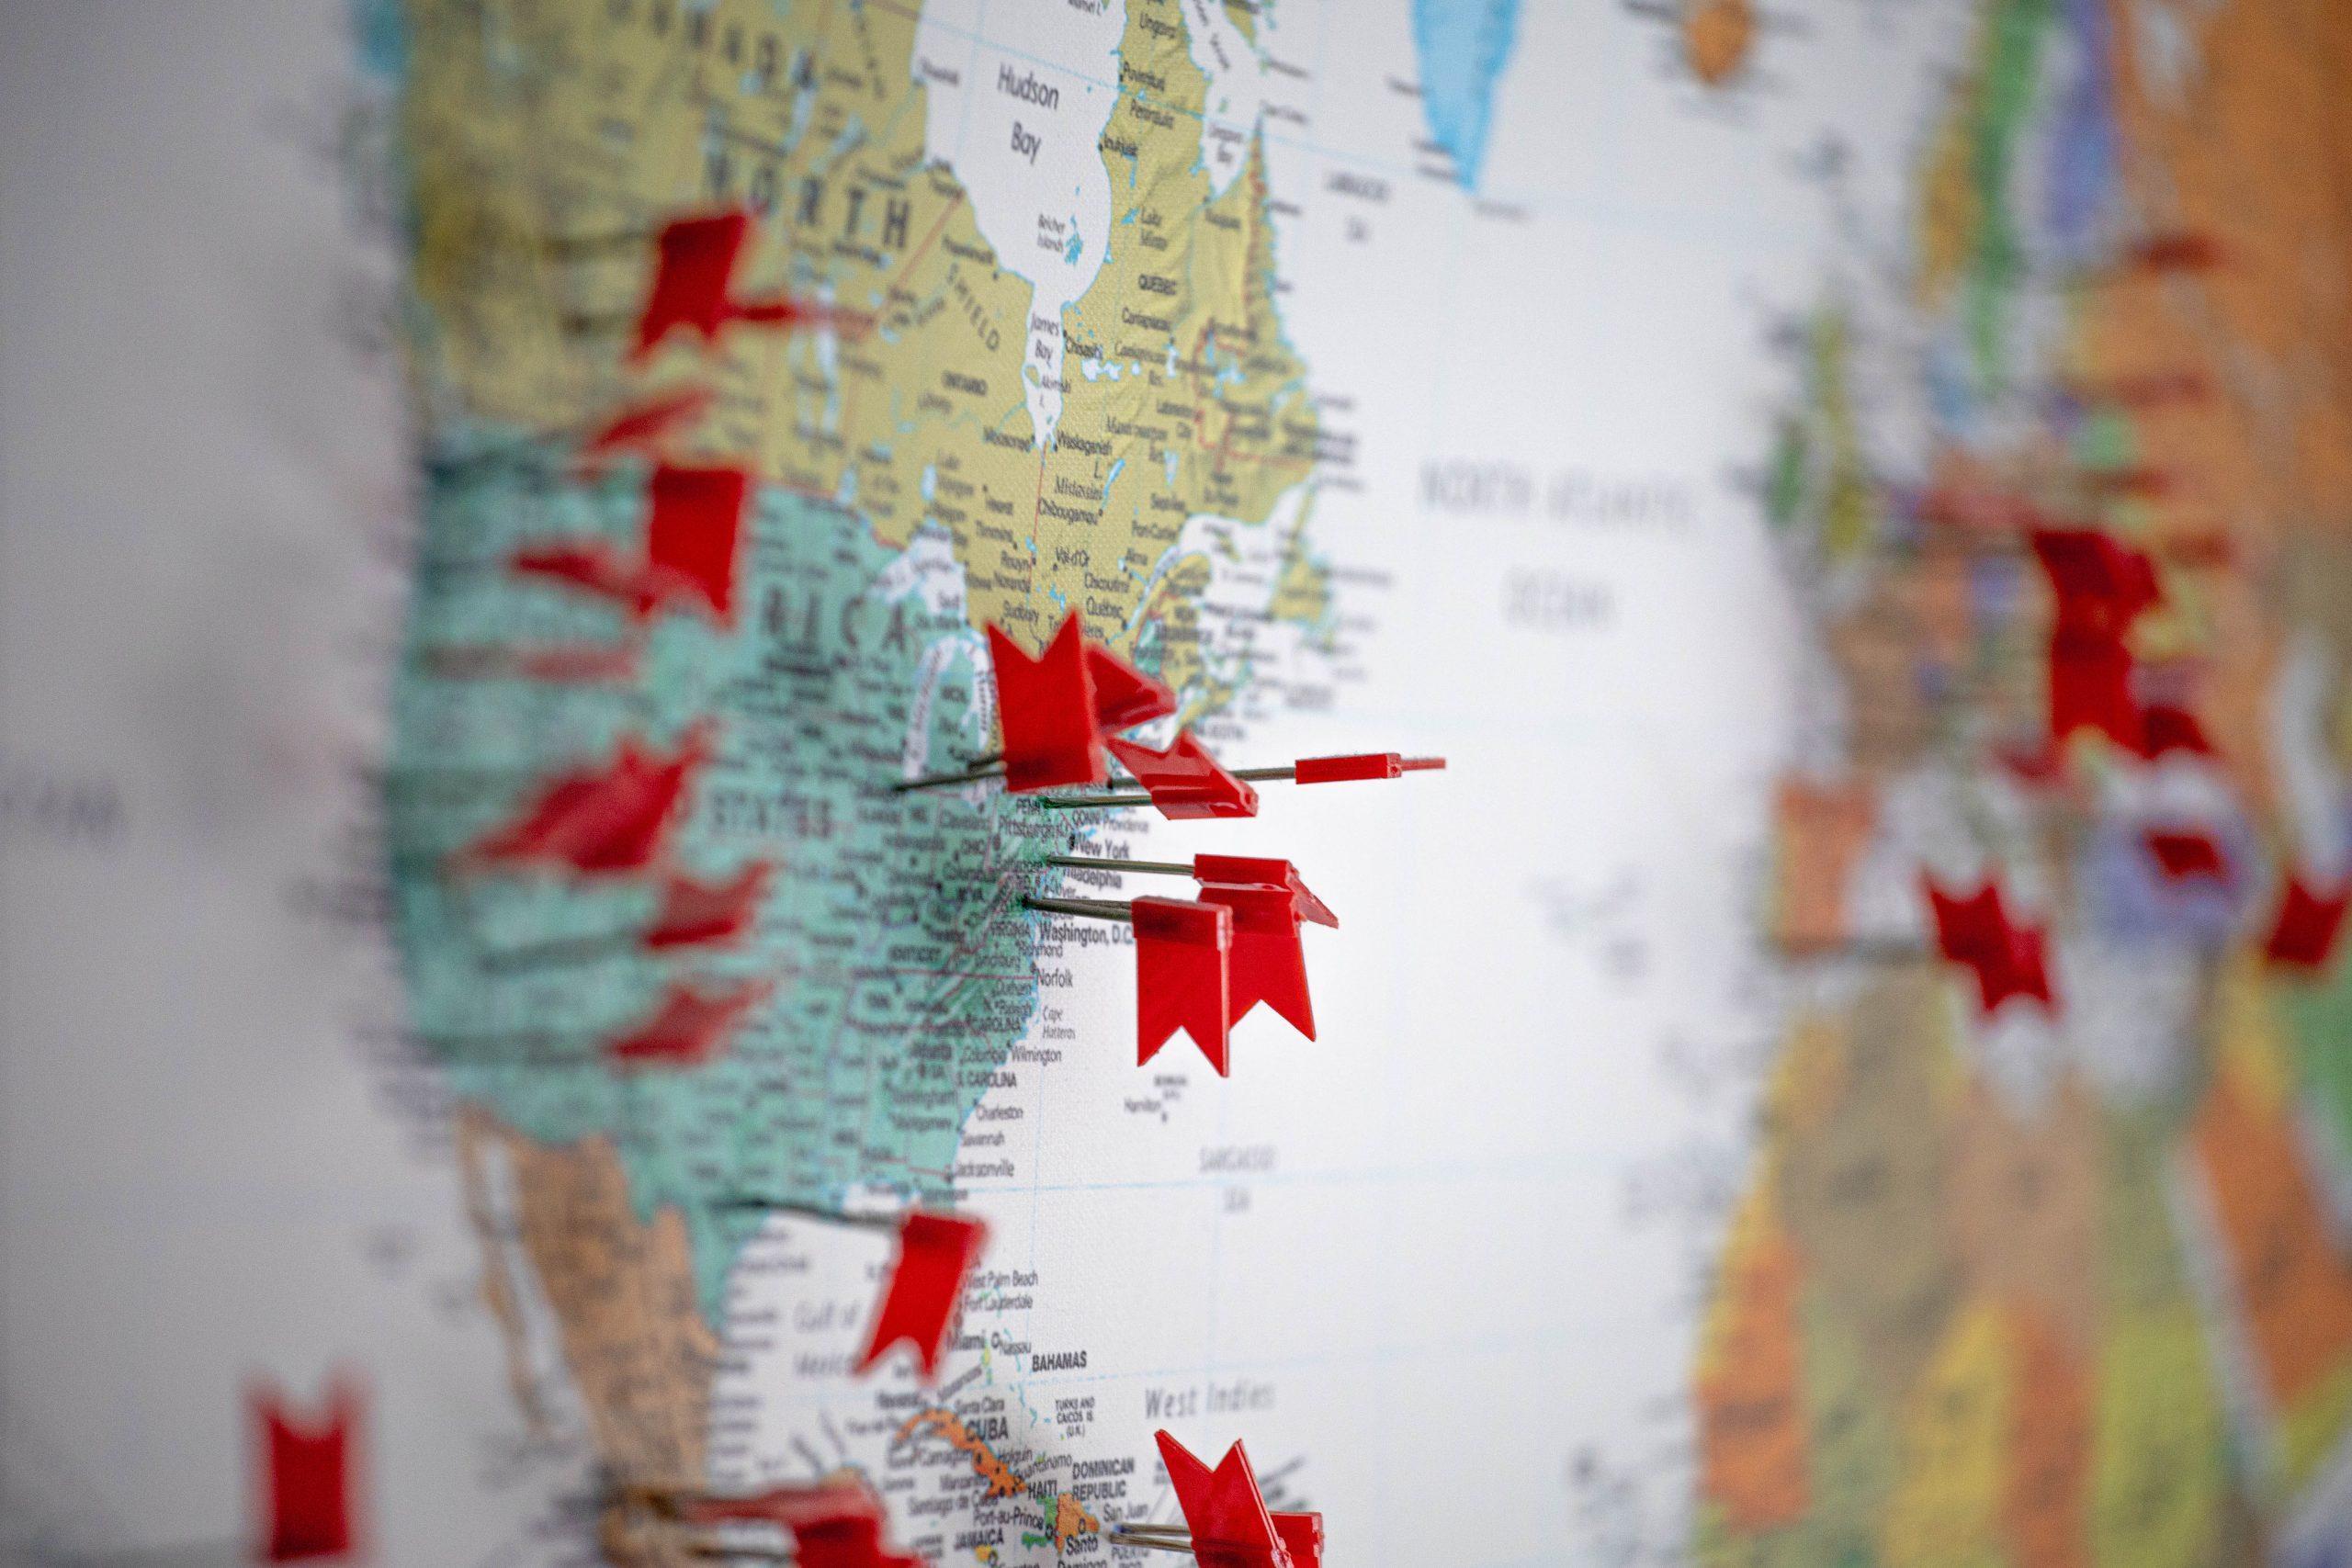 La inversión local en startups españolas se recupera y gana terreno al inversor extranjero